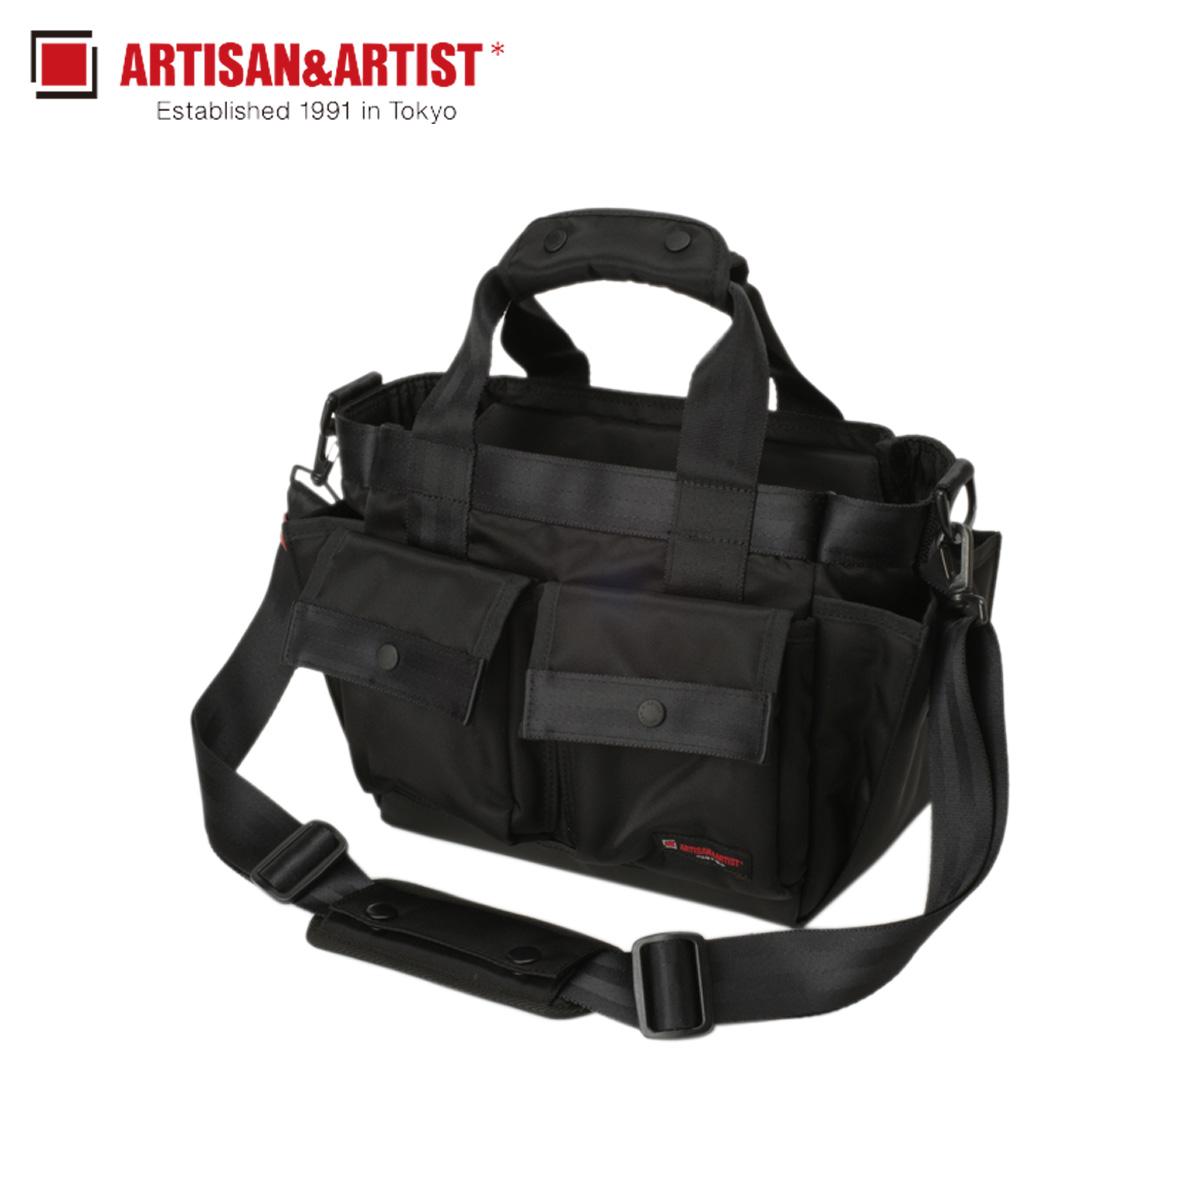 ARTISAN&ARTIST アルティザン&アーティスト ショルダーバッグ カメラバッグ バッグ メンズ 2WAY CAMERA BAG ブラック 黒 GDR-211N